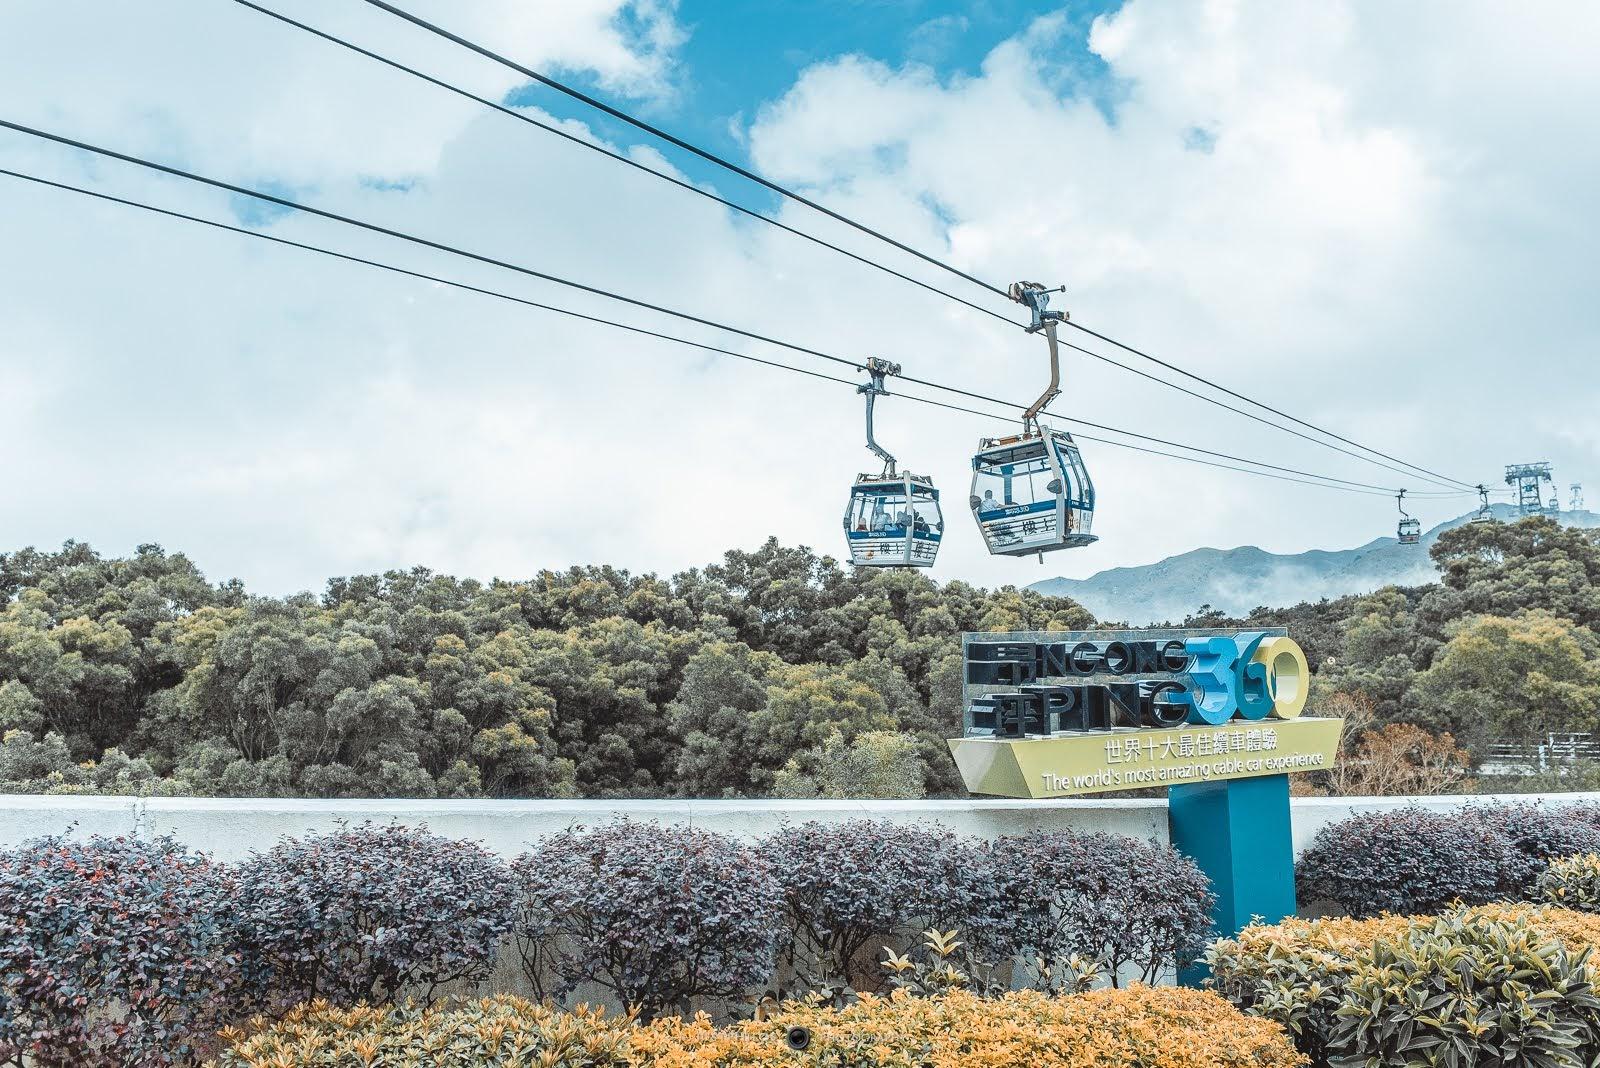 昂坪纜車因為海上纜車的高度落差與景色,被譽為世界十大纜車體驗之一。